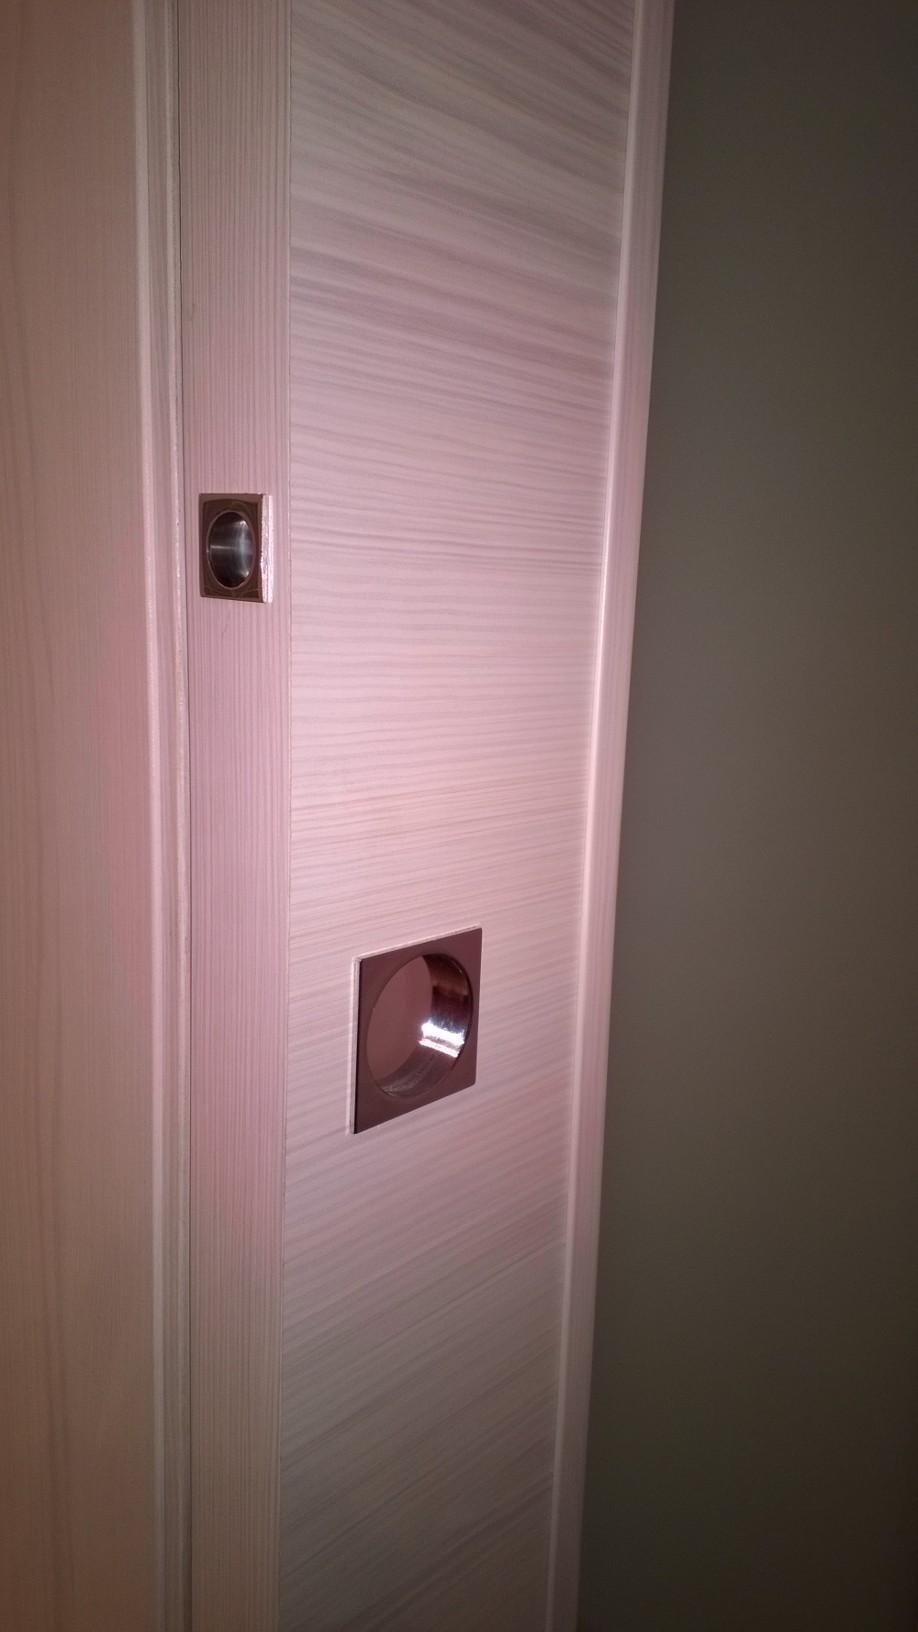 porta in legno con serrature per sicurezza